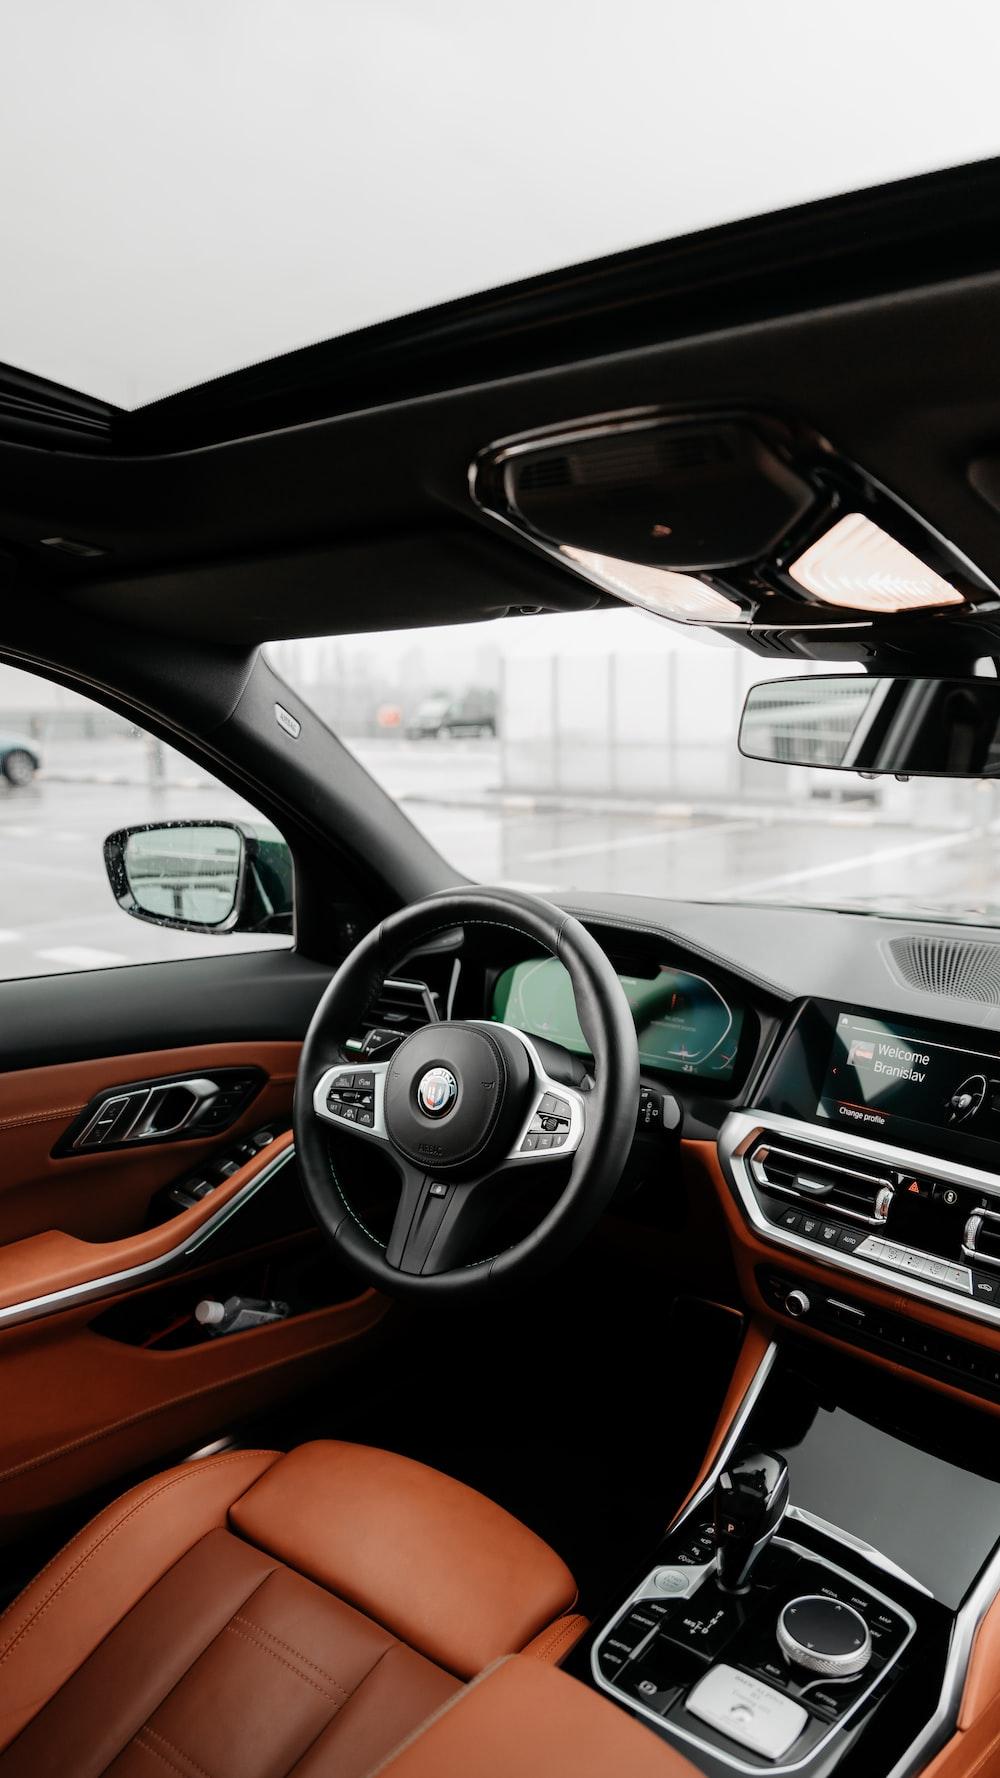 black and brown bmw car steering wheel